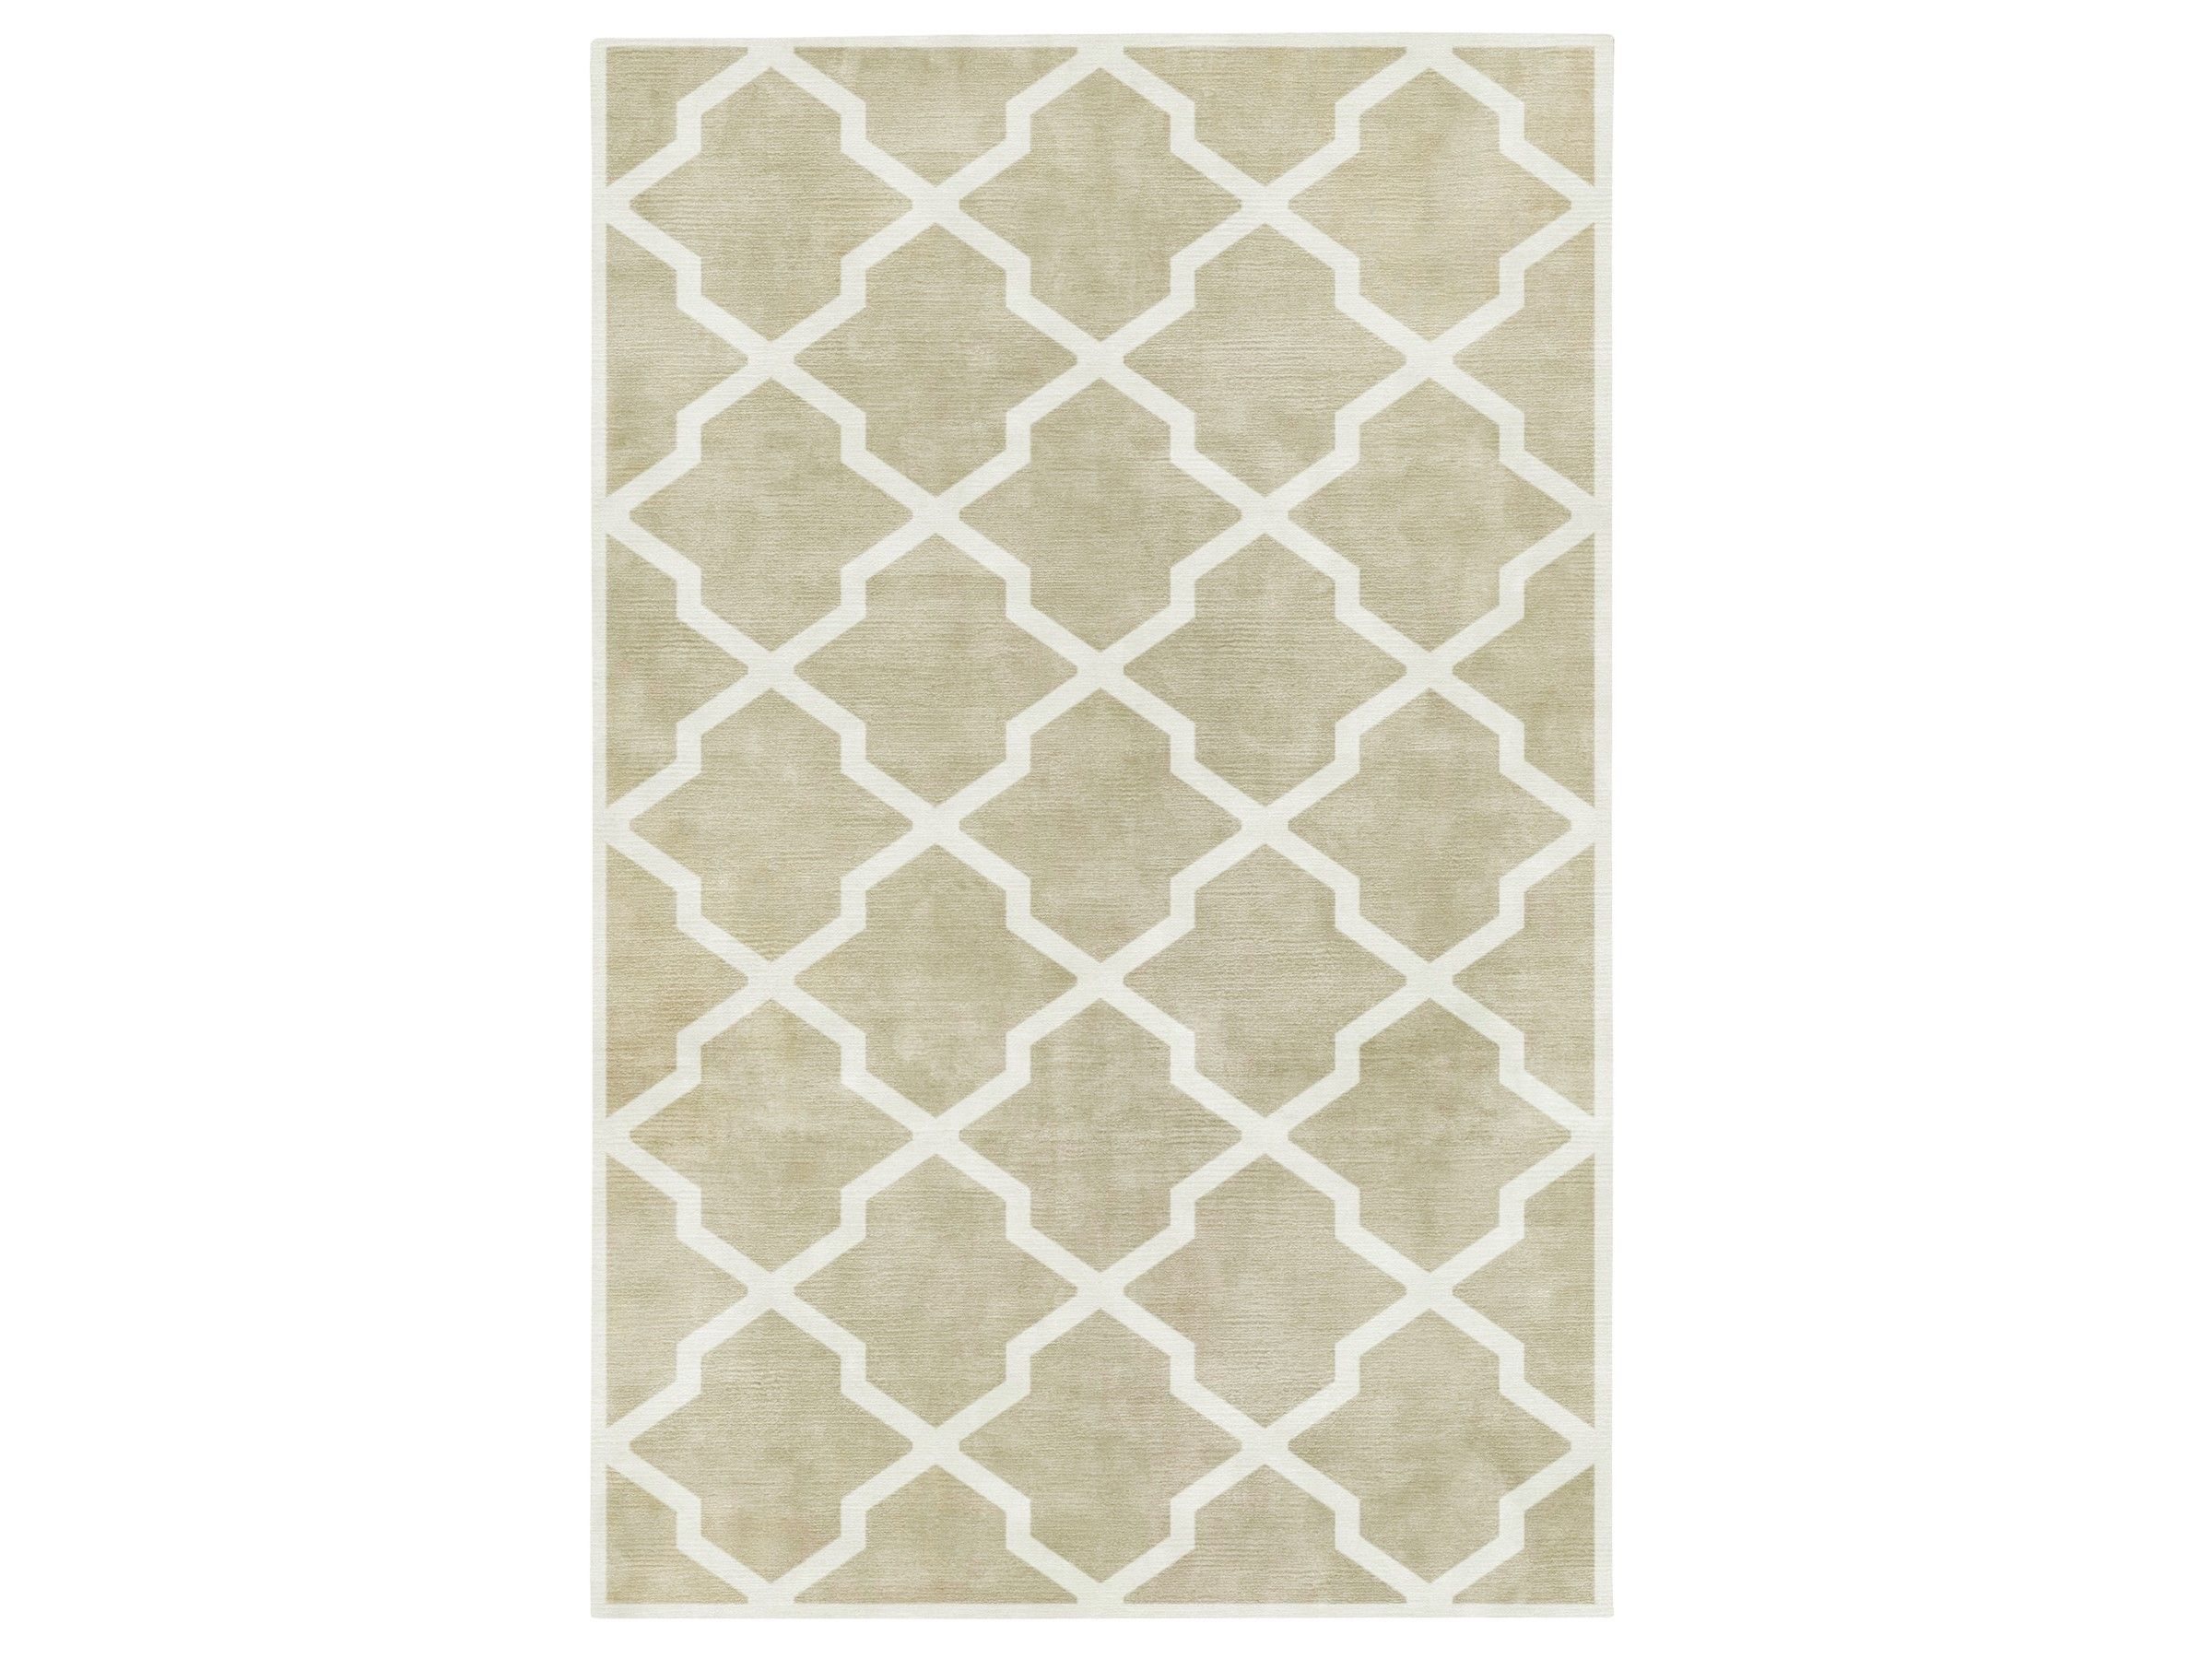 Ковер Lattice 300x400Прямоугольные ковры<br><br><br>Material: Шерсть<br>Ширина см: 300<br>Глубина см: 400